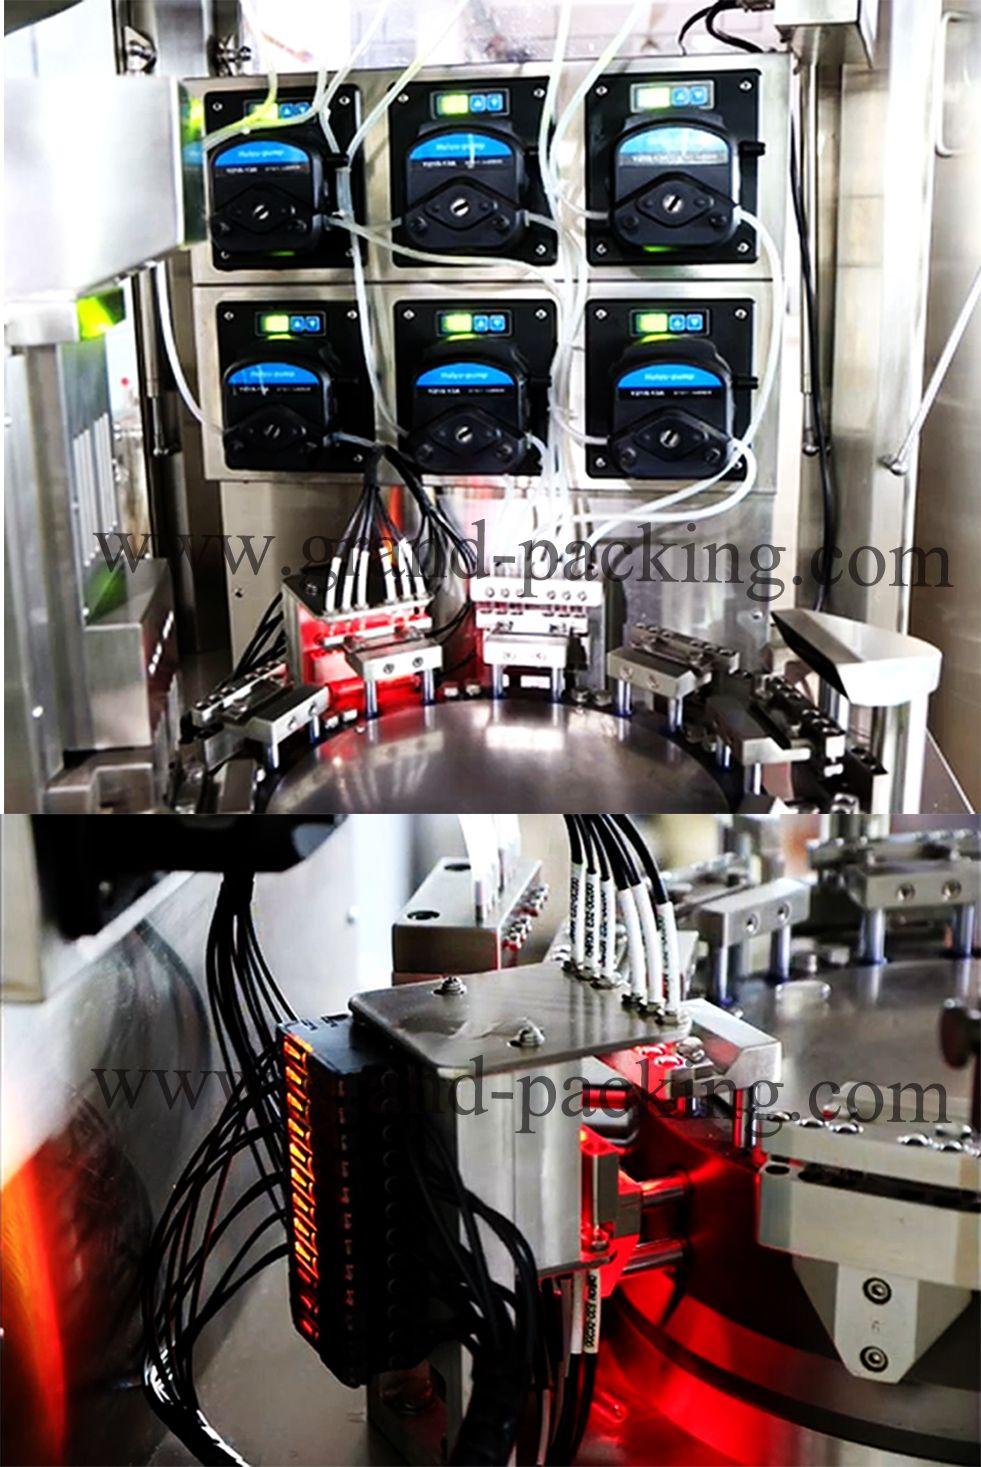 Automatic Capsule Filling Machine Liquid Capsule Filling Machine Capsule Filling Machine Semi Automatic Pill Capsule Filling Machin Capsule Machine Filling